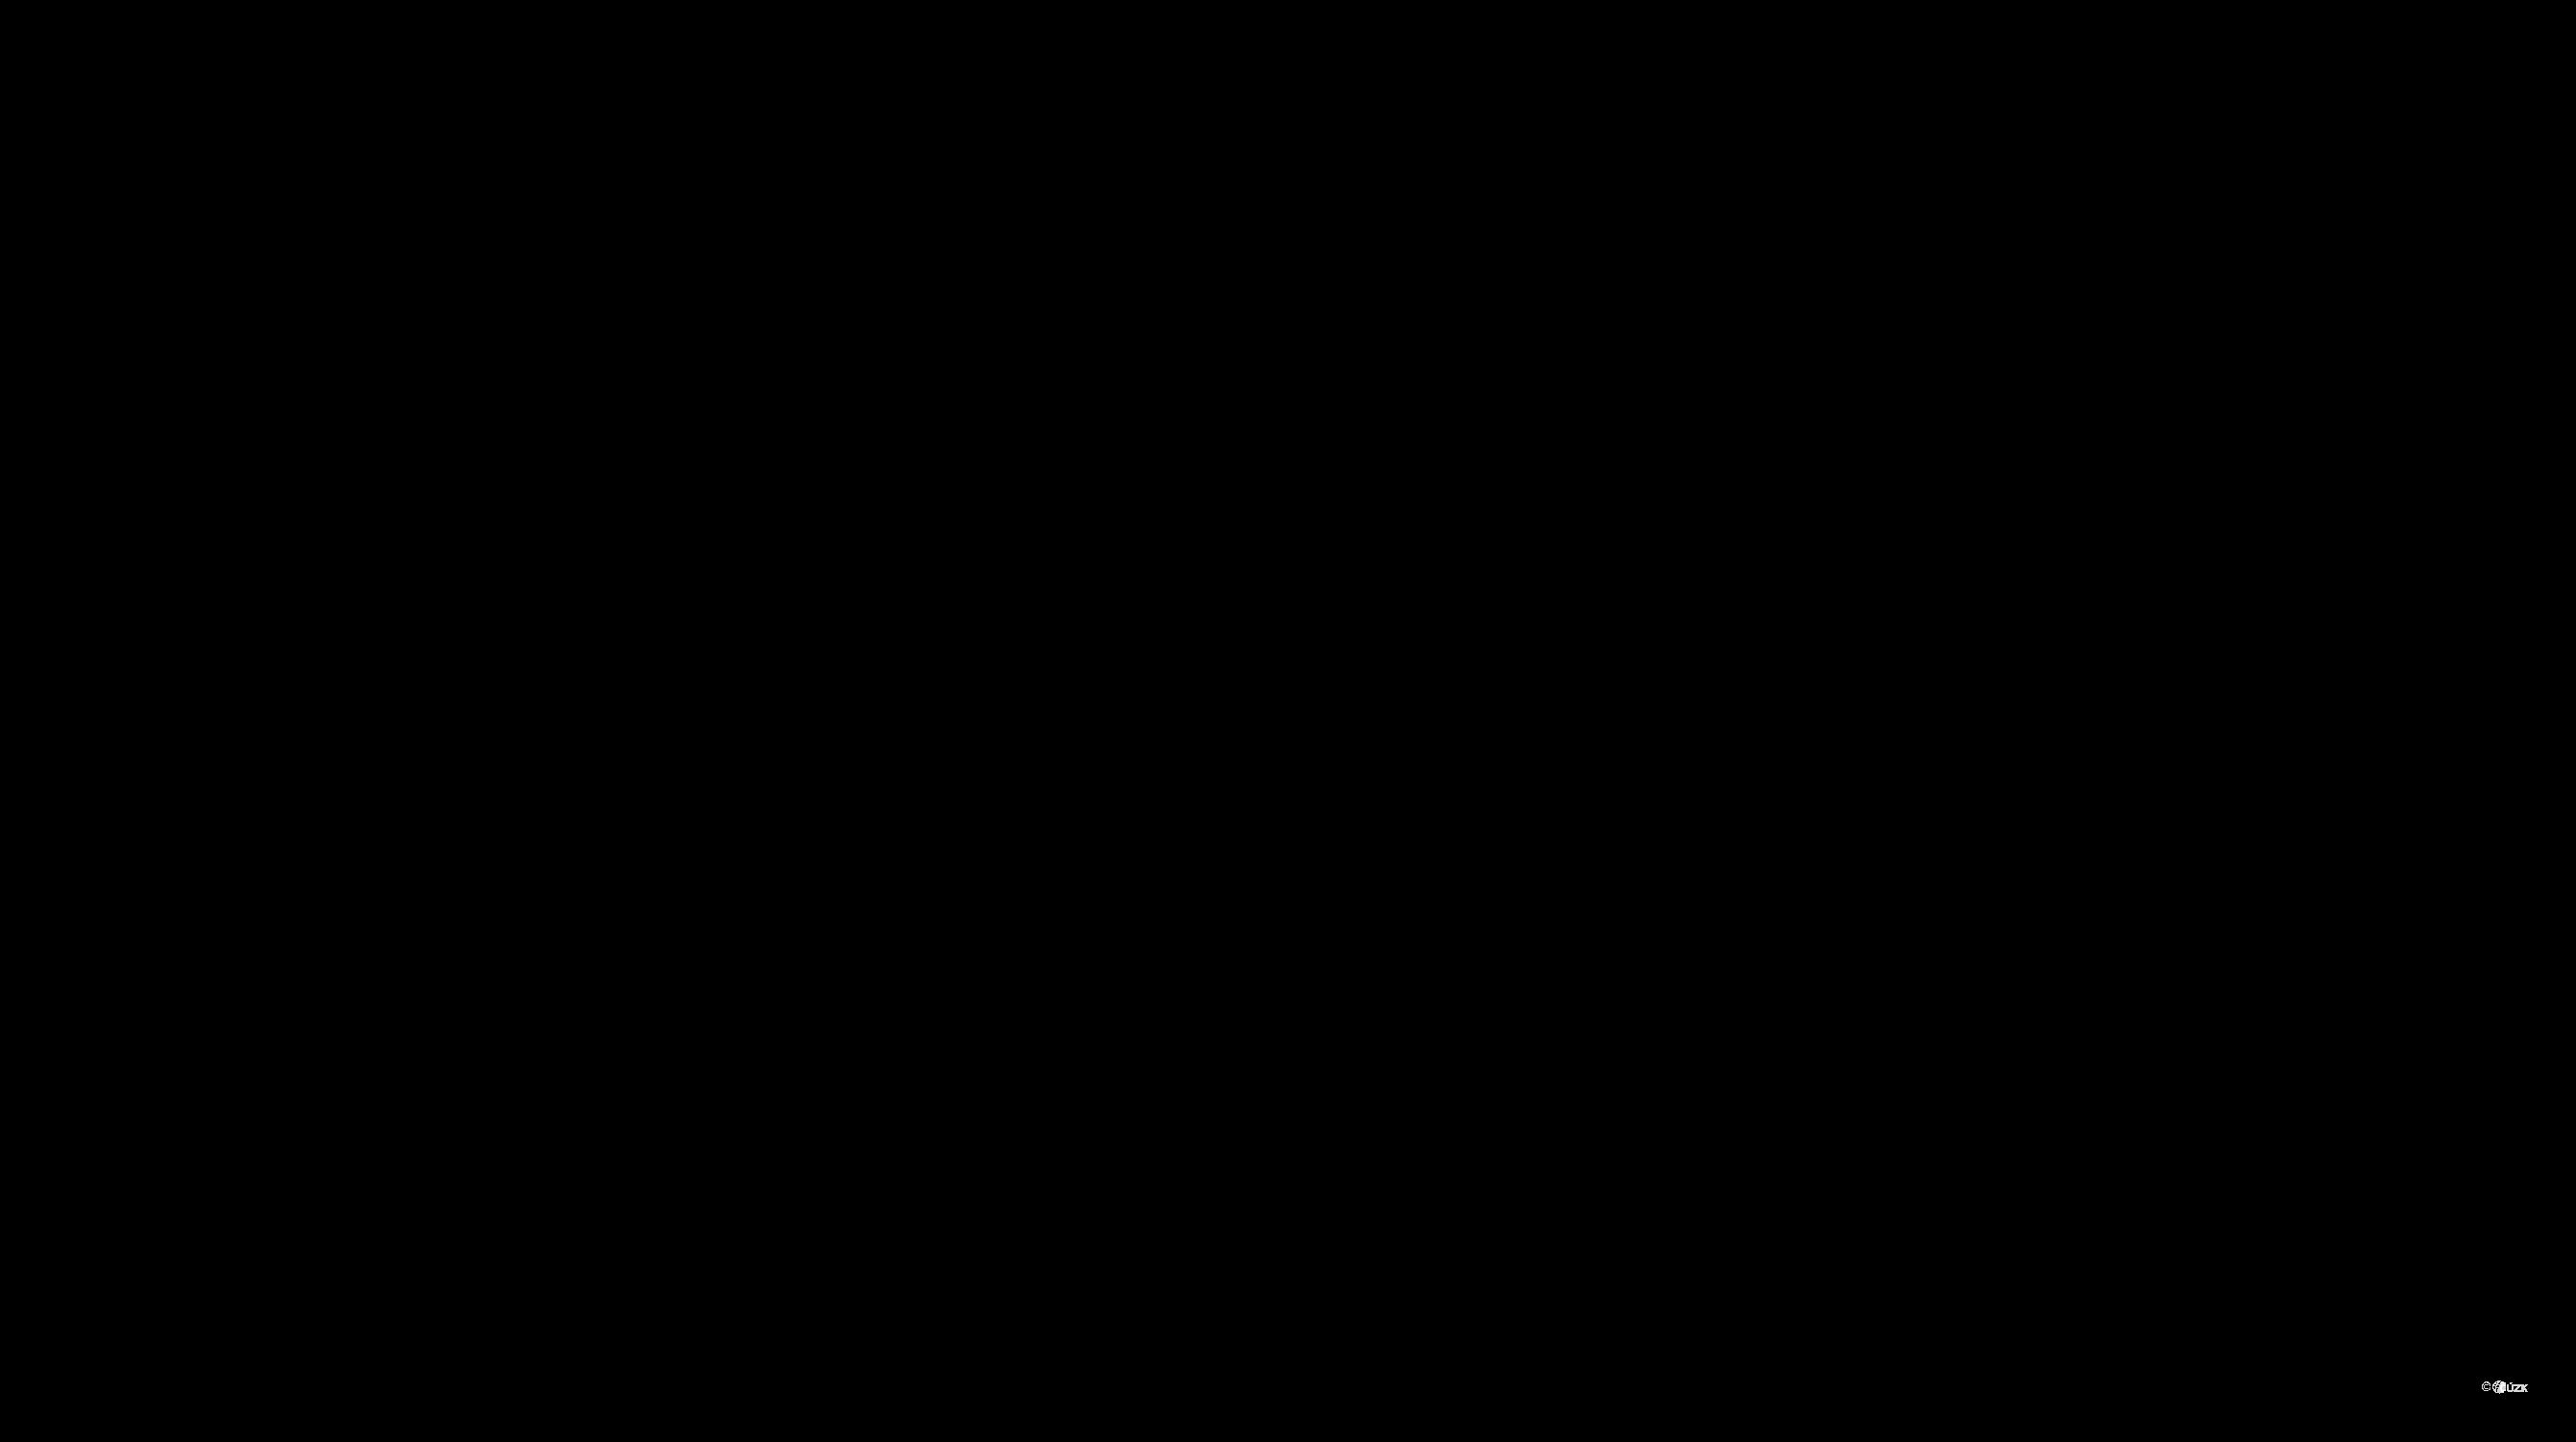 Katastrální mapa pozemků a čísla parcel Albrechtice u Frýdlantu